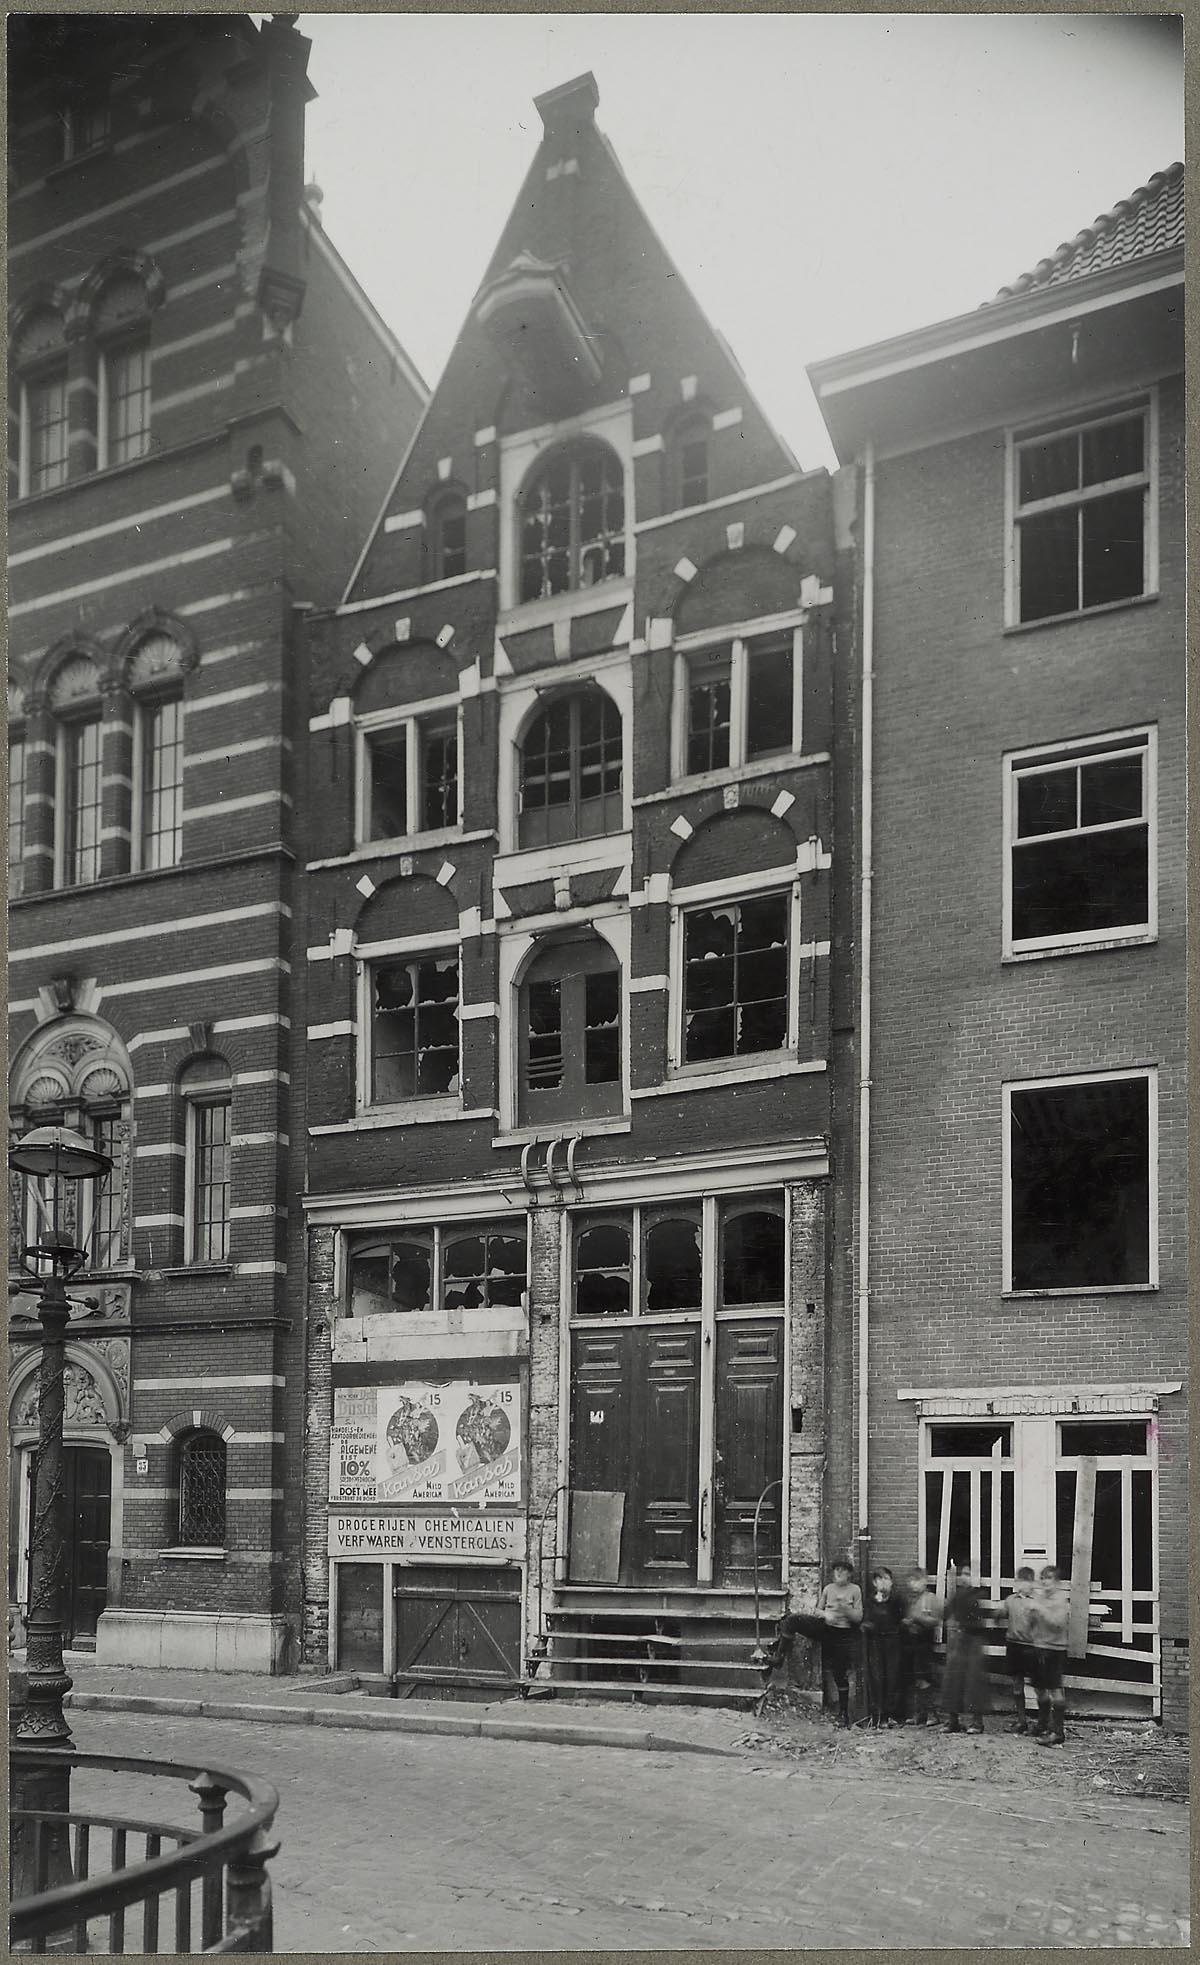 Amsterdam oude schans 37 overzicht gevel huis met schade het geheugen van nederland online - Huis gevel ...